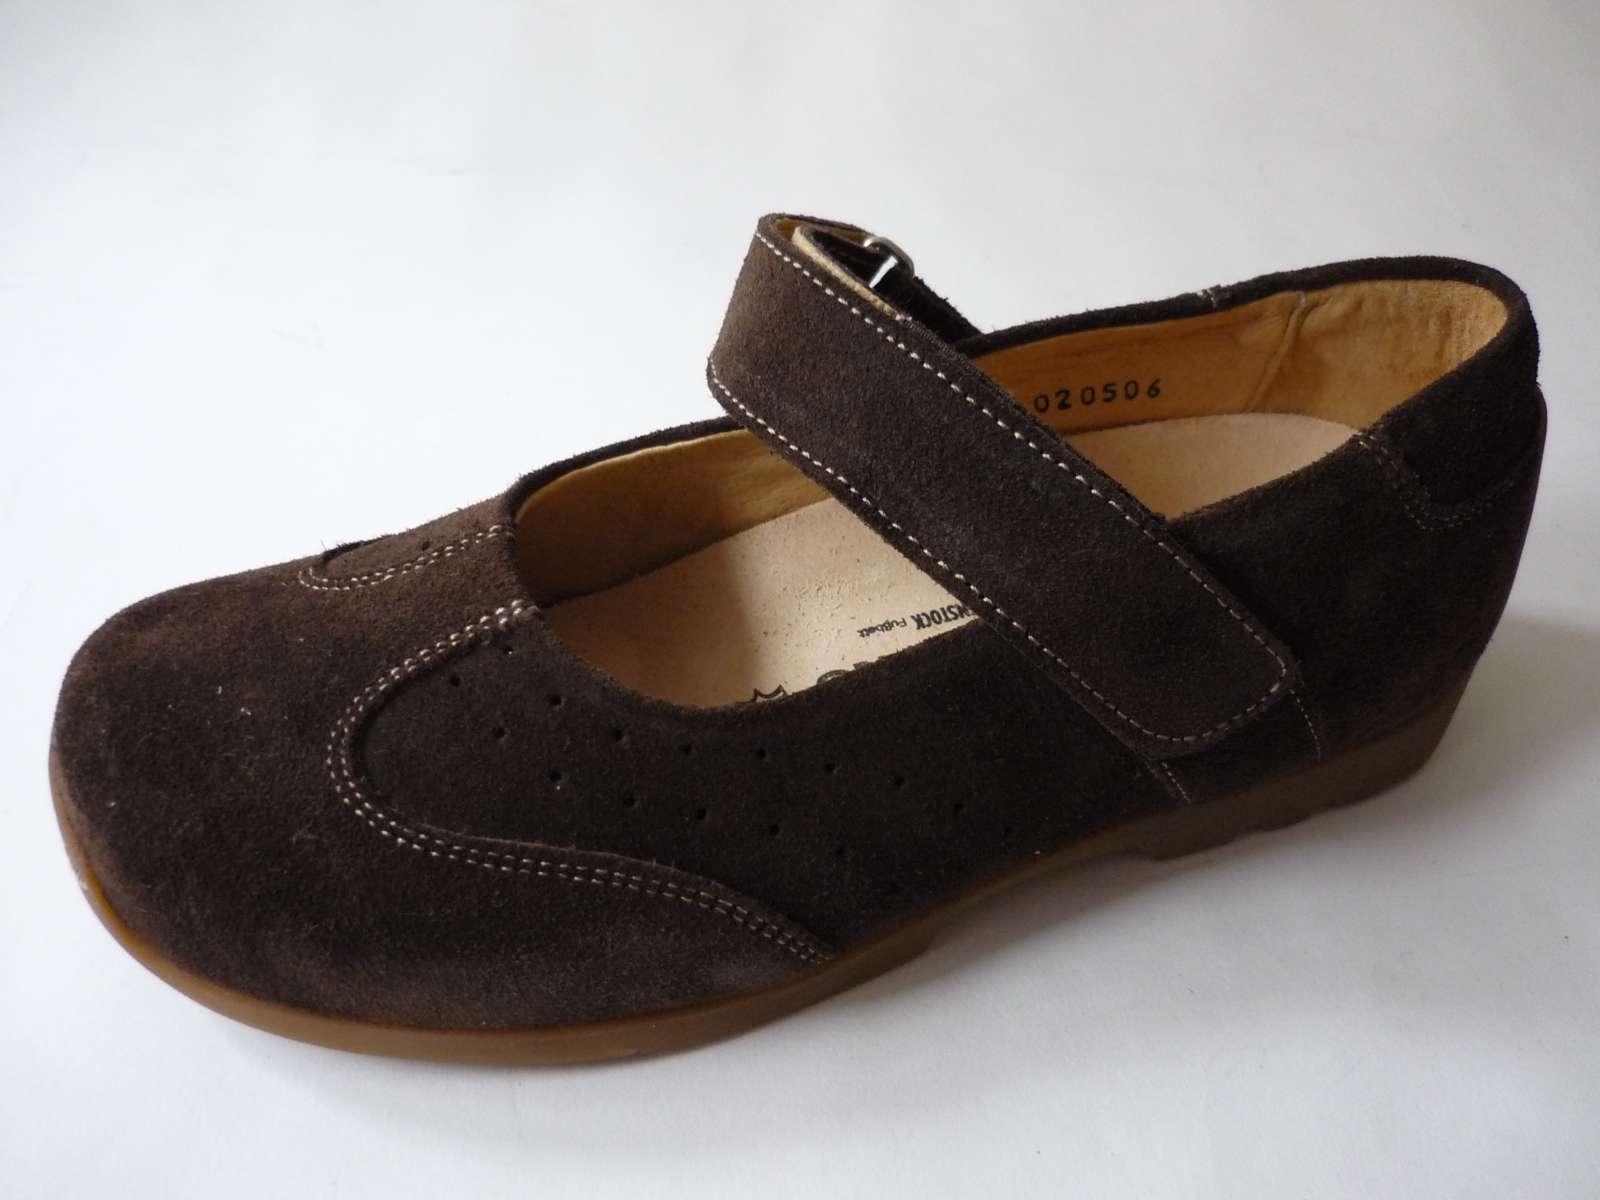 Fratelli Rossetti MOCASSINI DONNA Tg. D 41 NERO DONNA MOCASSINI SCARPE shoes flats NUOVO c067eb